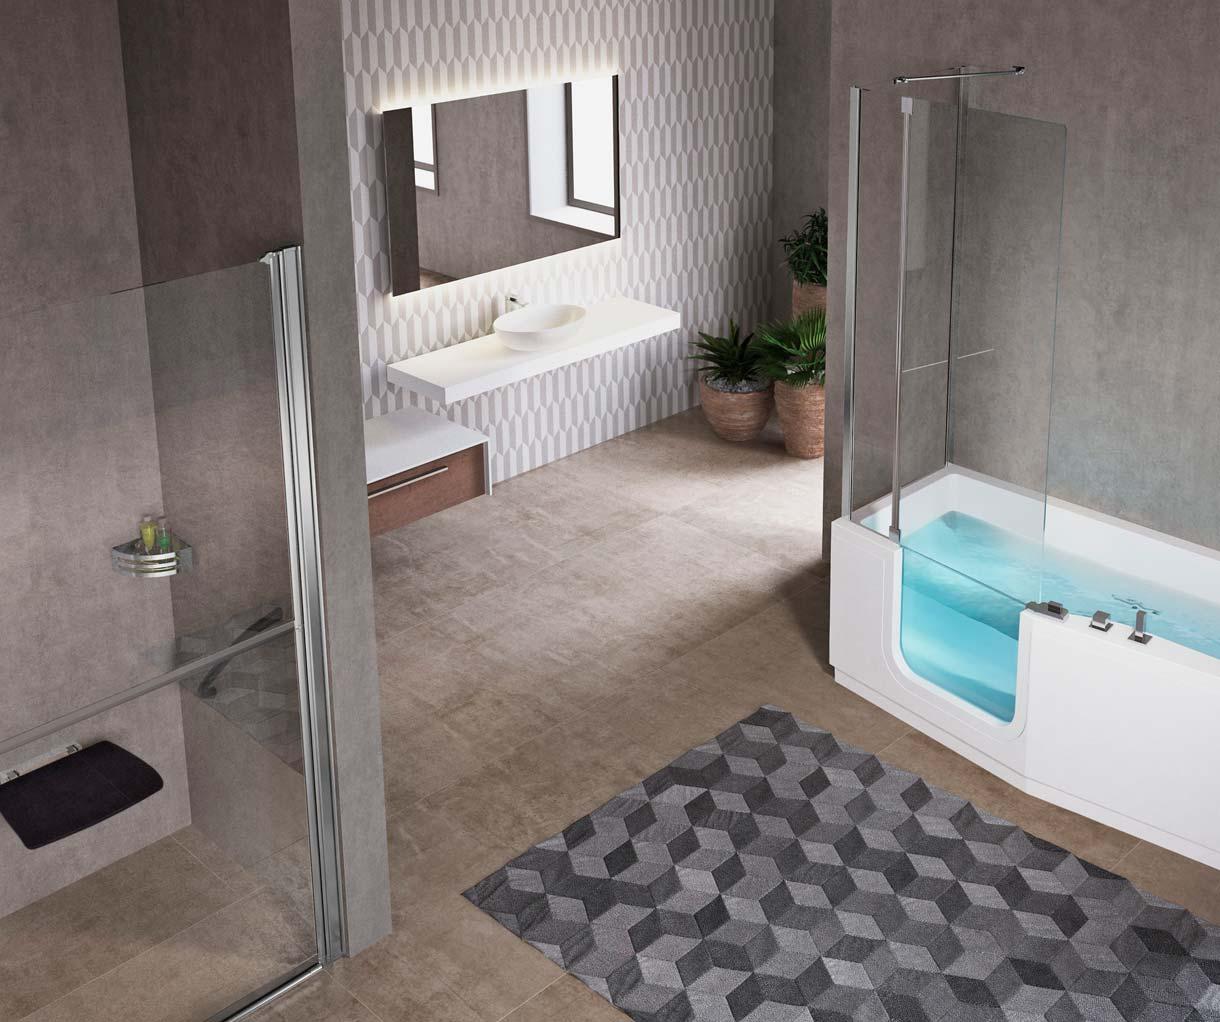 Aménagement salle de bain personnes âgées - Salle de bain pour